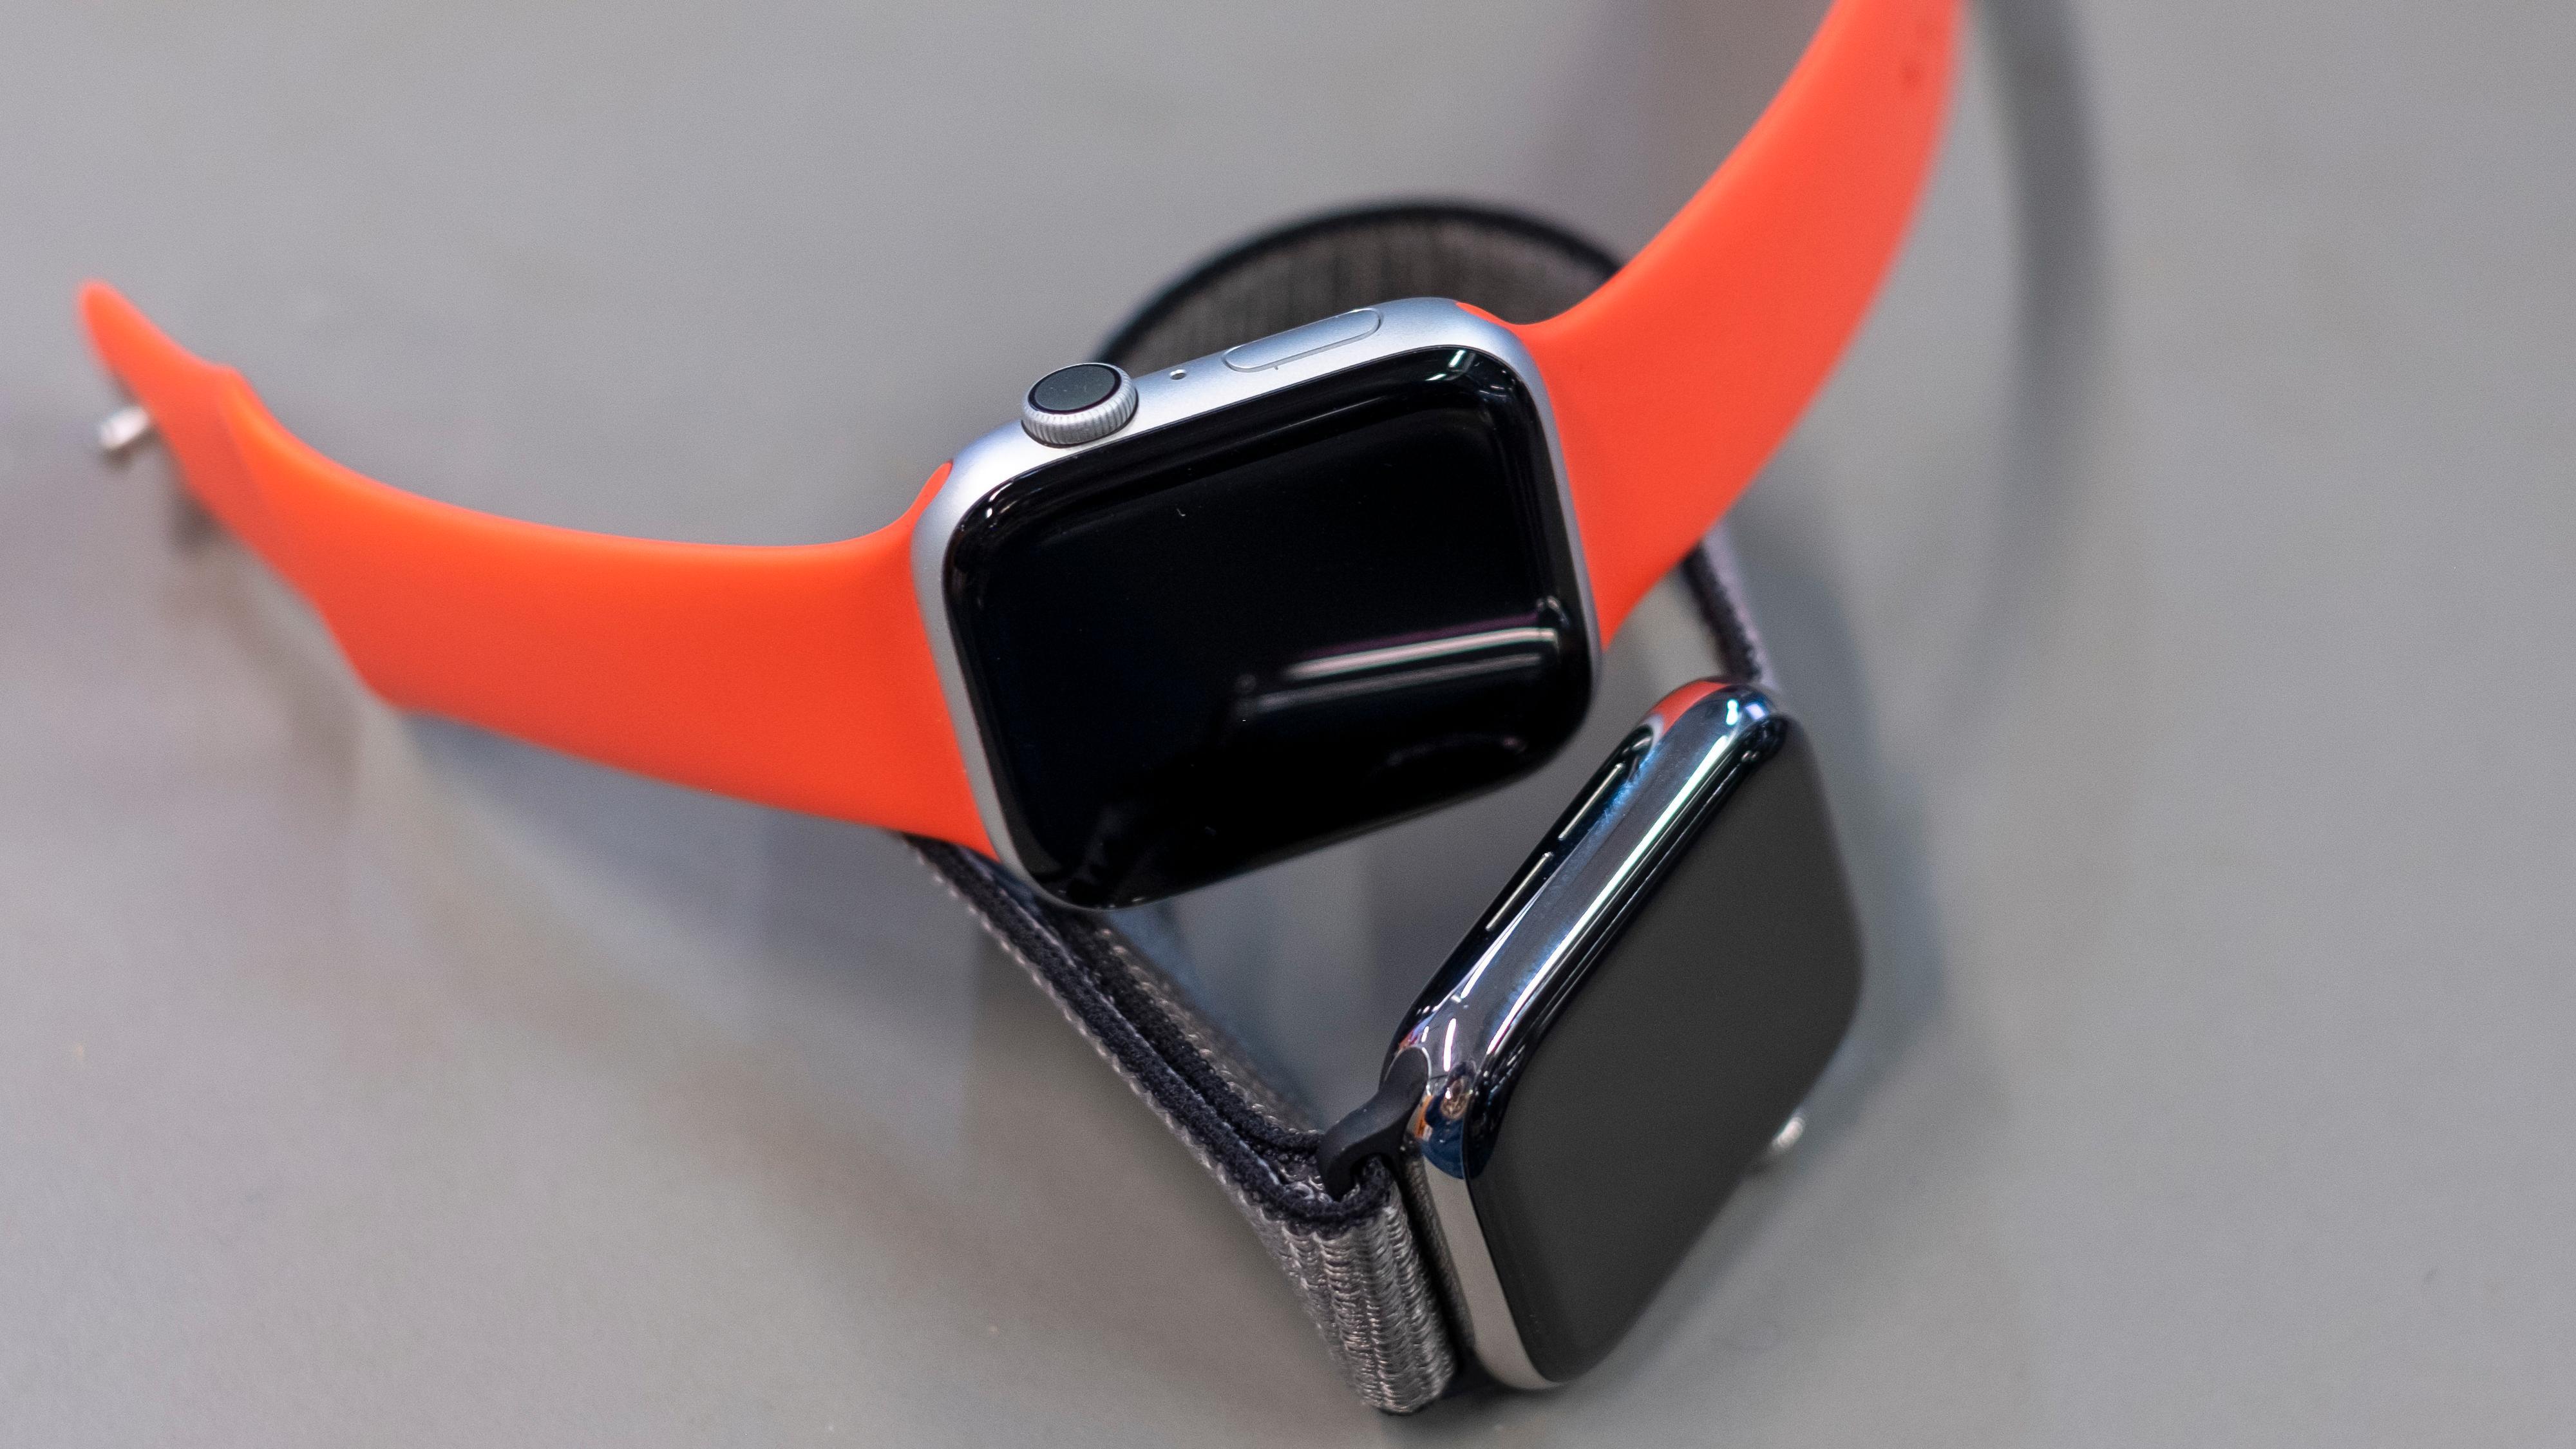 Utseendemessig er det ingen annen forskjell på Apple Watch series 4 og series 5 enn at sistnevntes skjerm gjerne står på når den ikke er i bruk. Hvis du har fjorårets epleklokke er det usikkert om du trenger å bytte, men hvis du har eldre modeller begynner det å bli en del nyheter i series 5. Her er en series 4 i aluminium oppå en series 5 i stål.